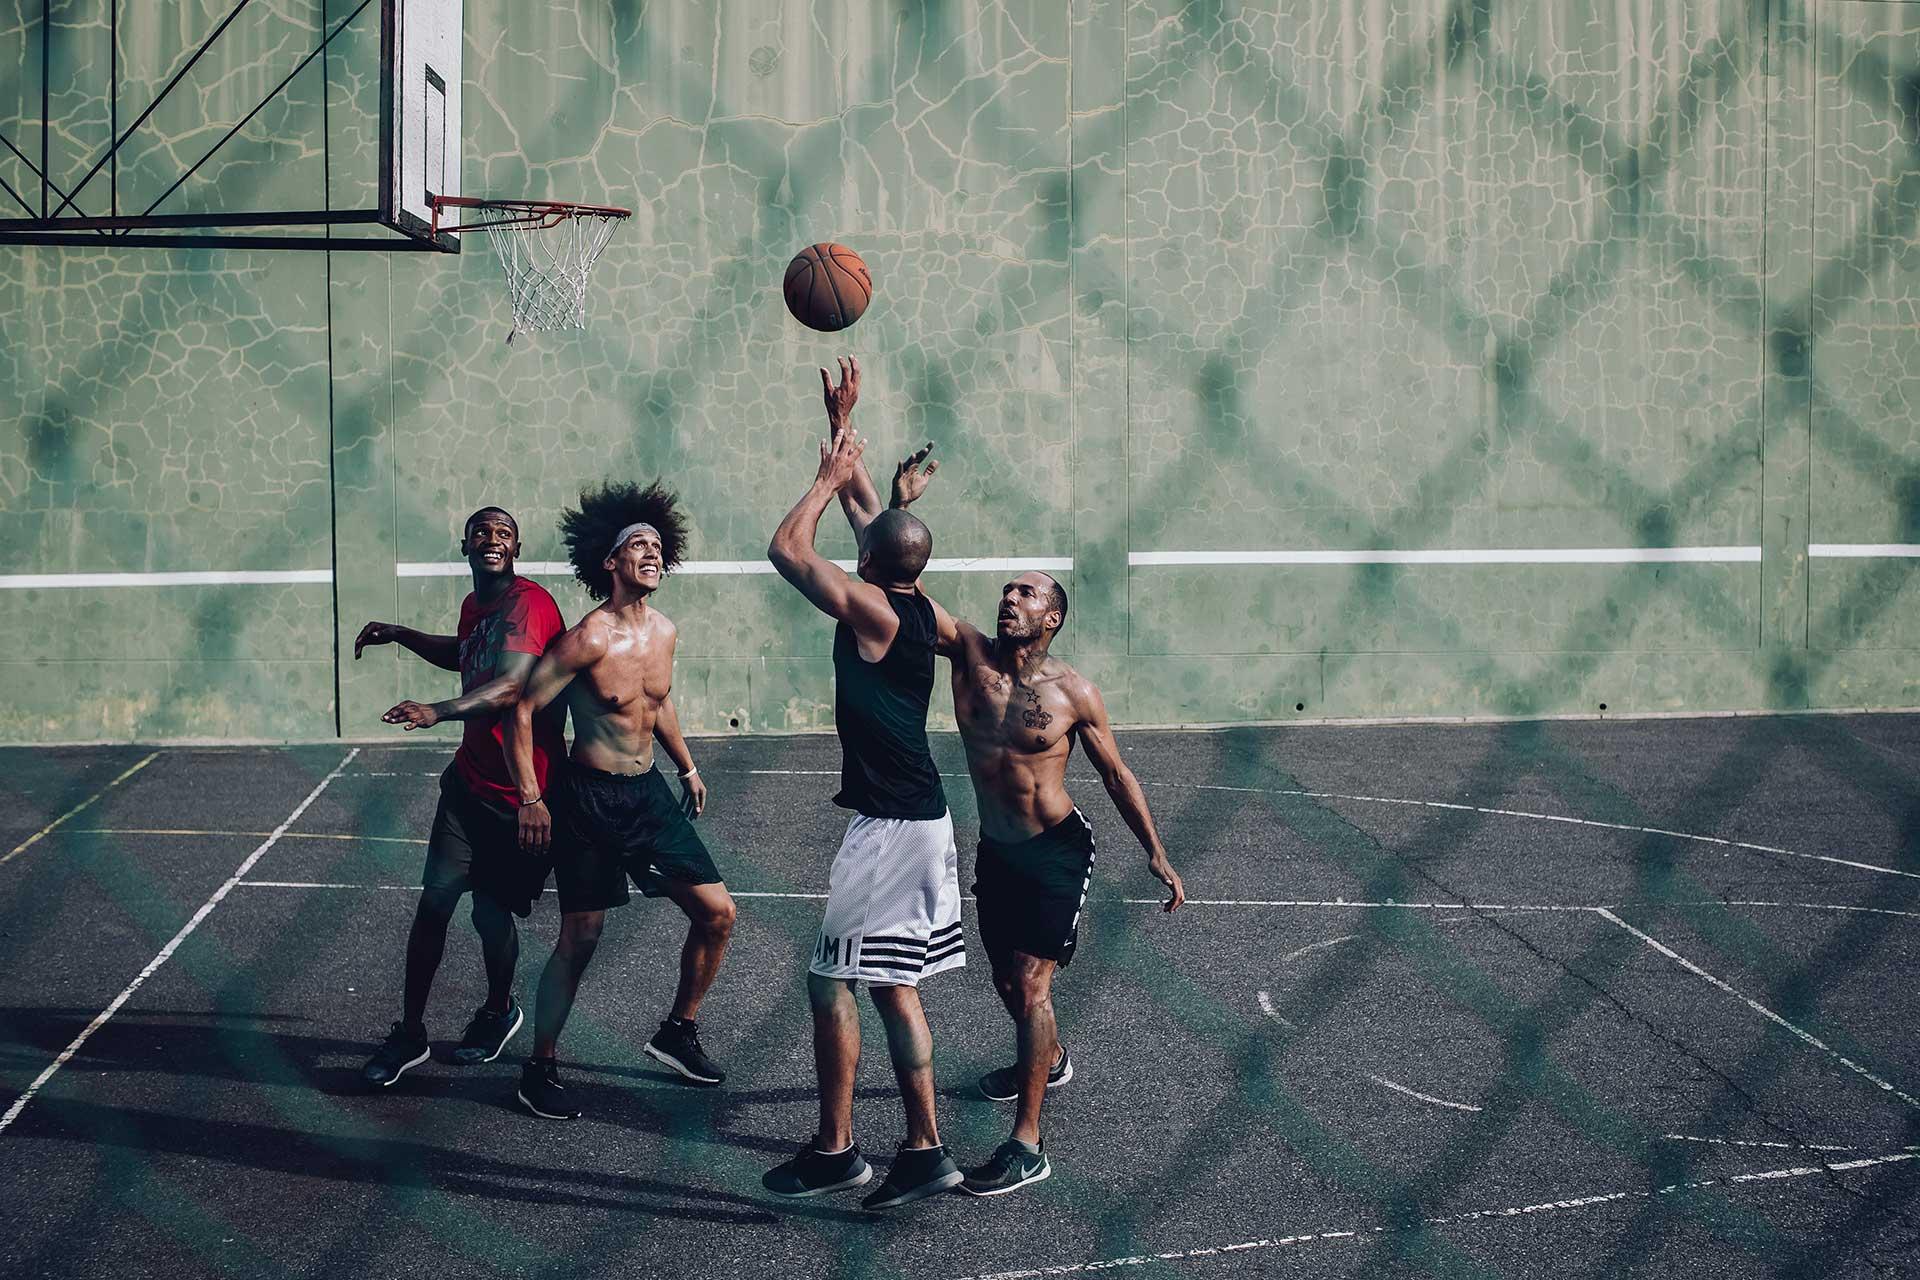 Teamsport Fotograf Michael Müller Basketball Fotoproduktion